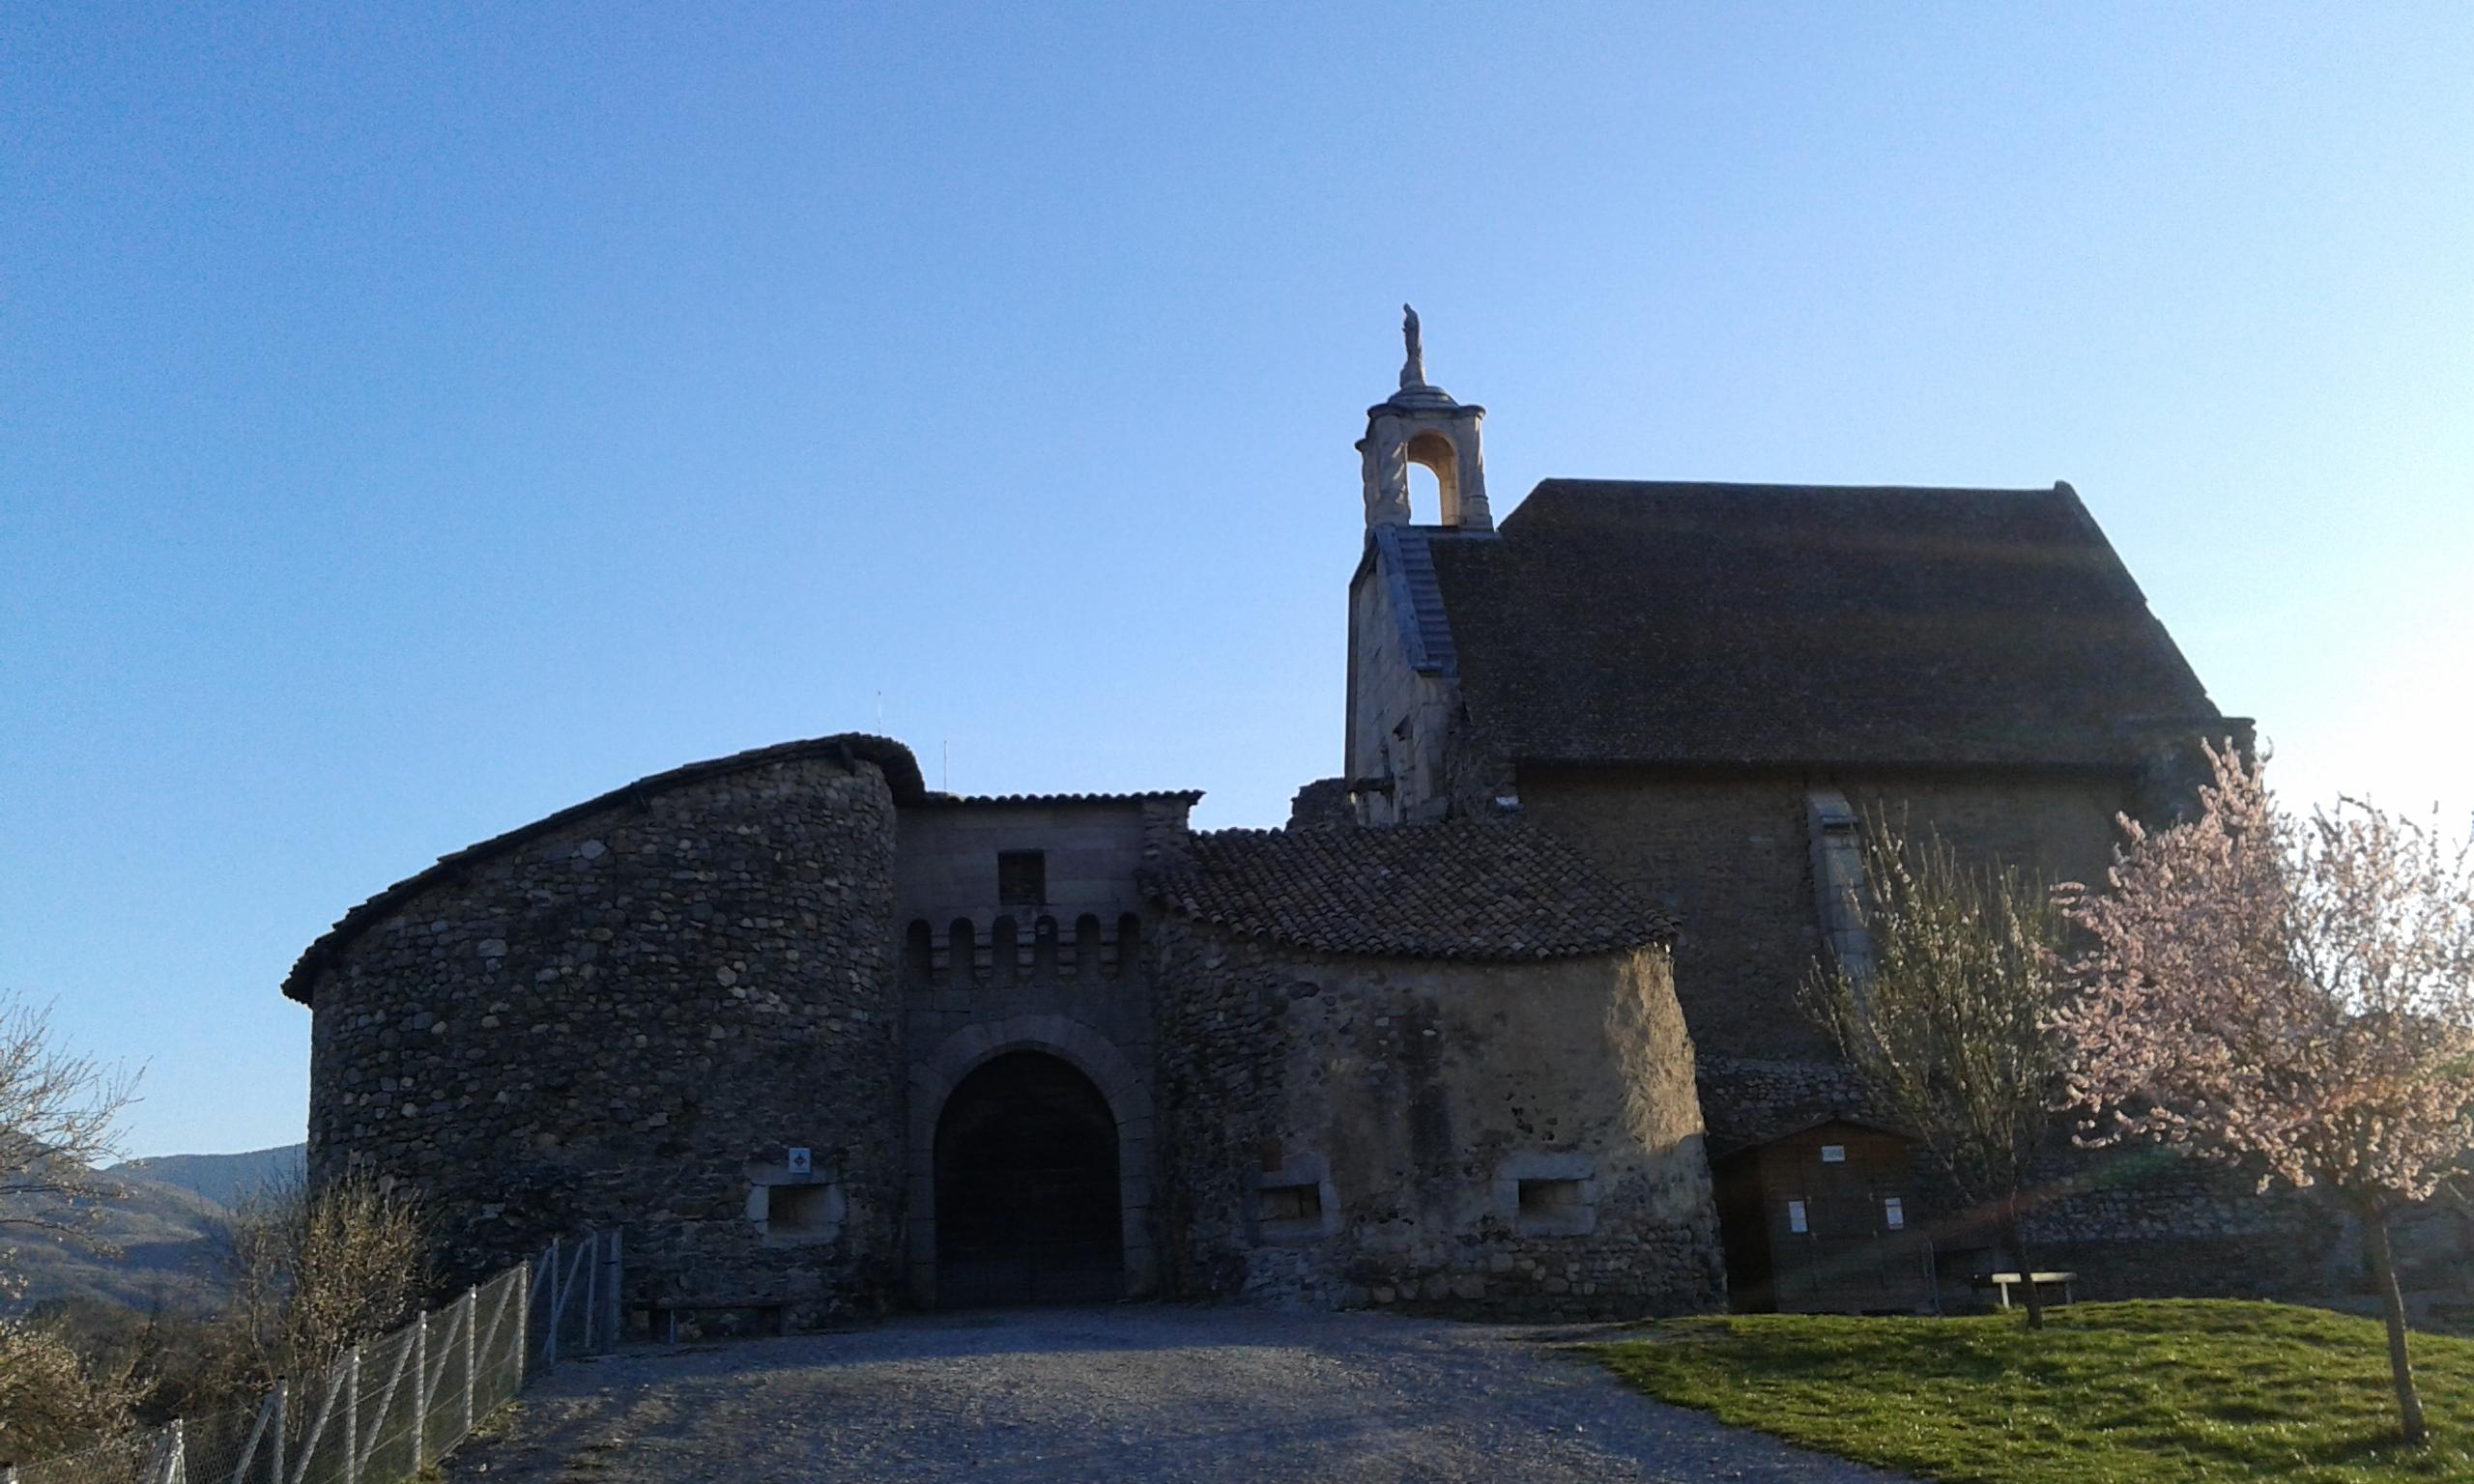 Crònica del Viatge a Tallard i del Taller amb Pourpre Noire (Març 2016)